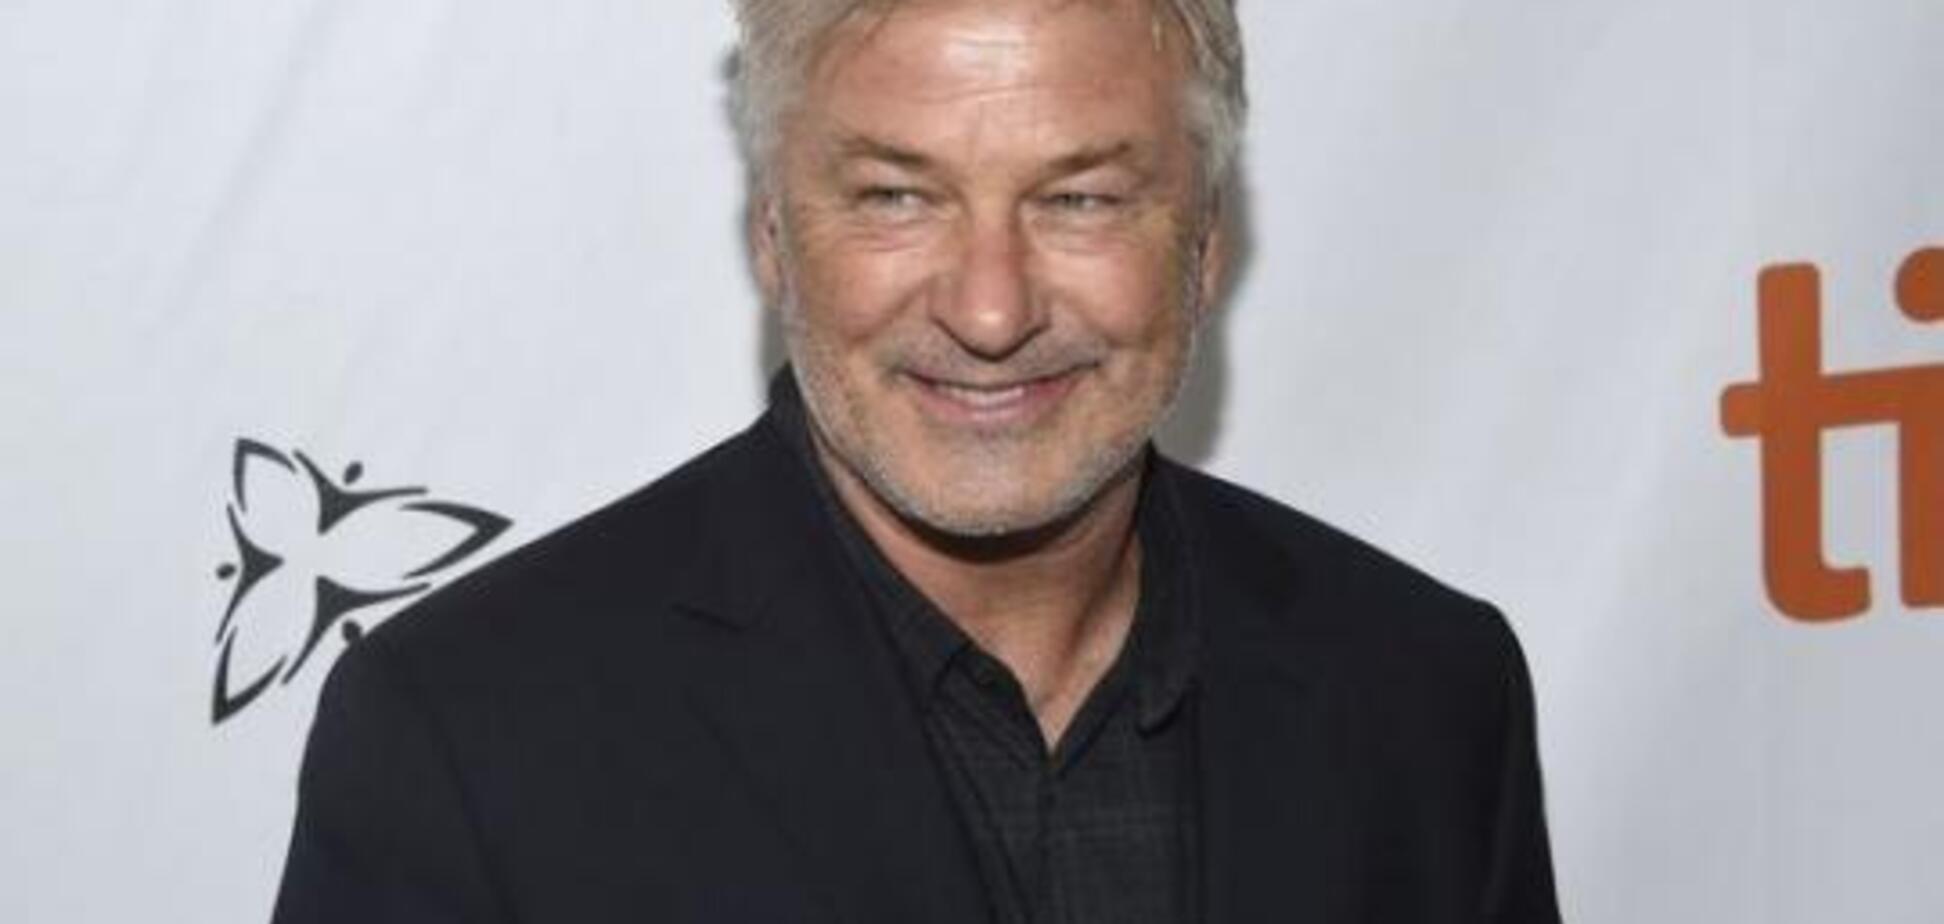 В США арестовали известного голливудского актера за нападение